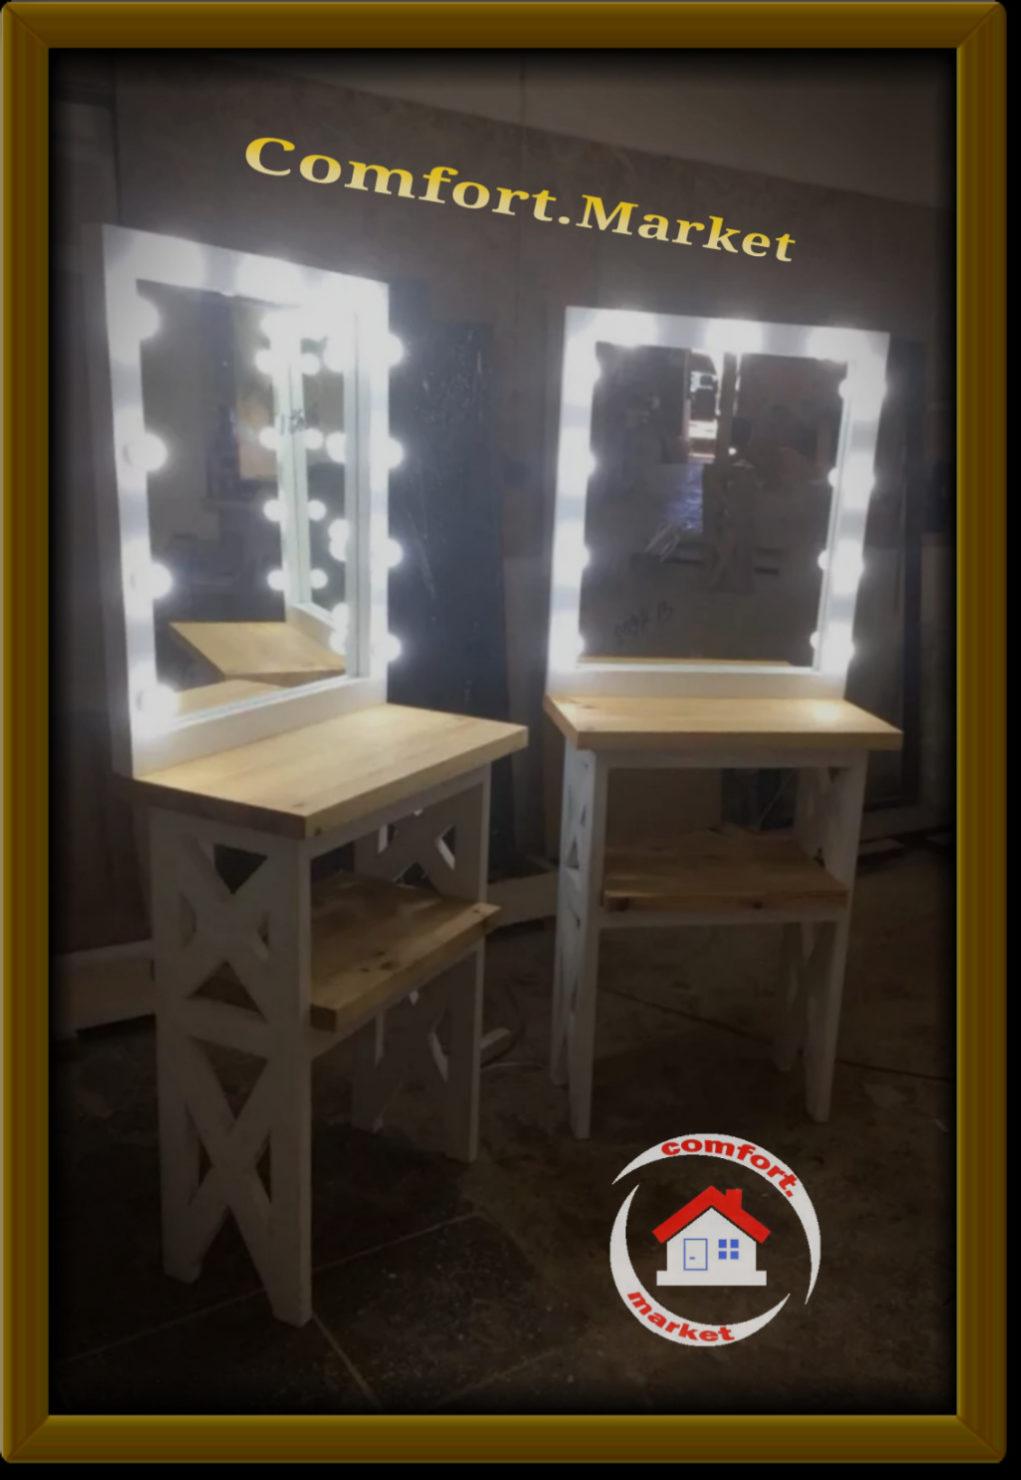 Деревянное зеркало с подсветкой светодиодными лампами с гримерным столом для косметики и полкой для инструментов.